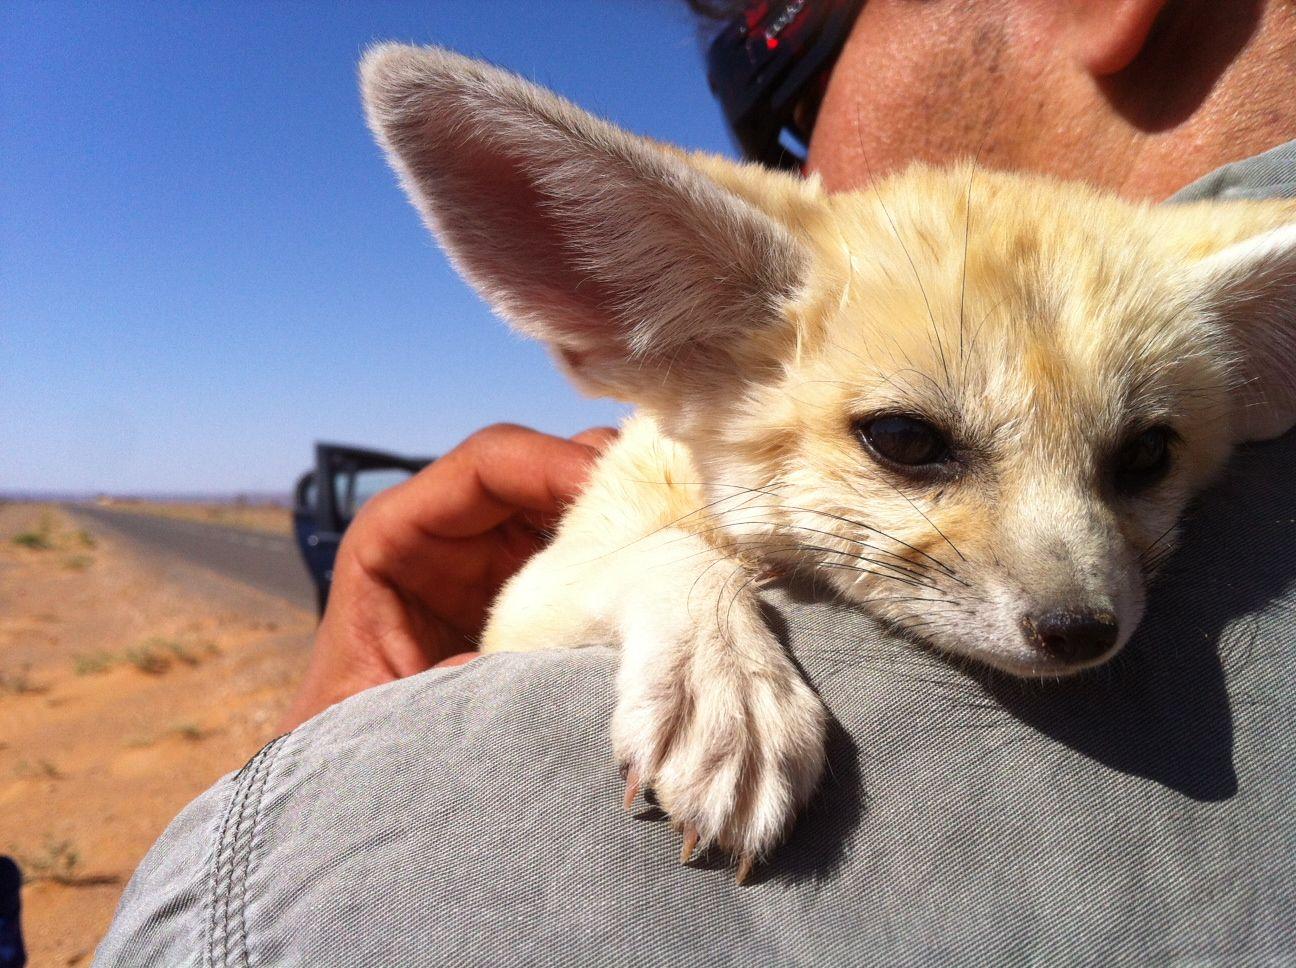 The Most Adorable Desert Fox Kitten Merzouga Morocco Kitten Fox Desert Fox